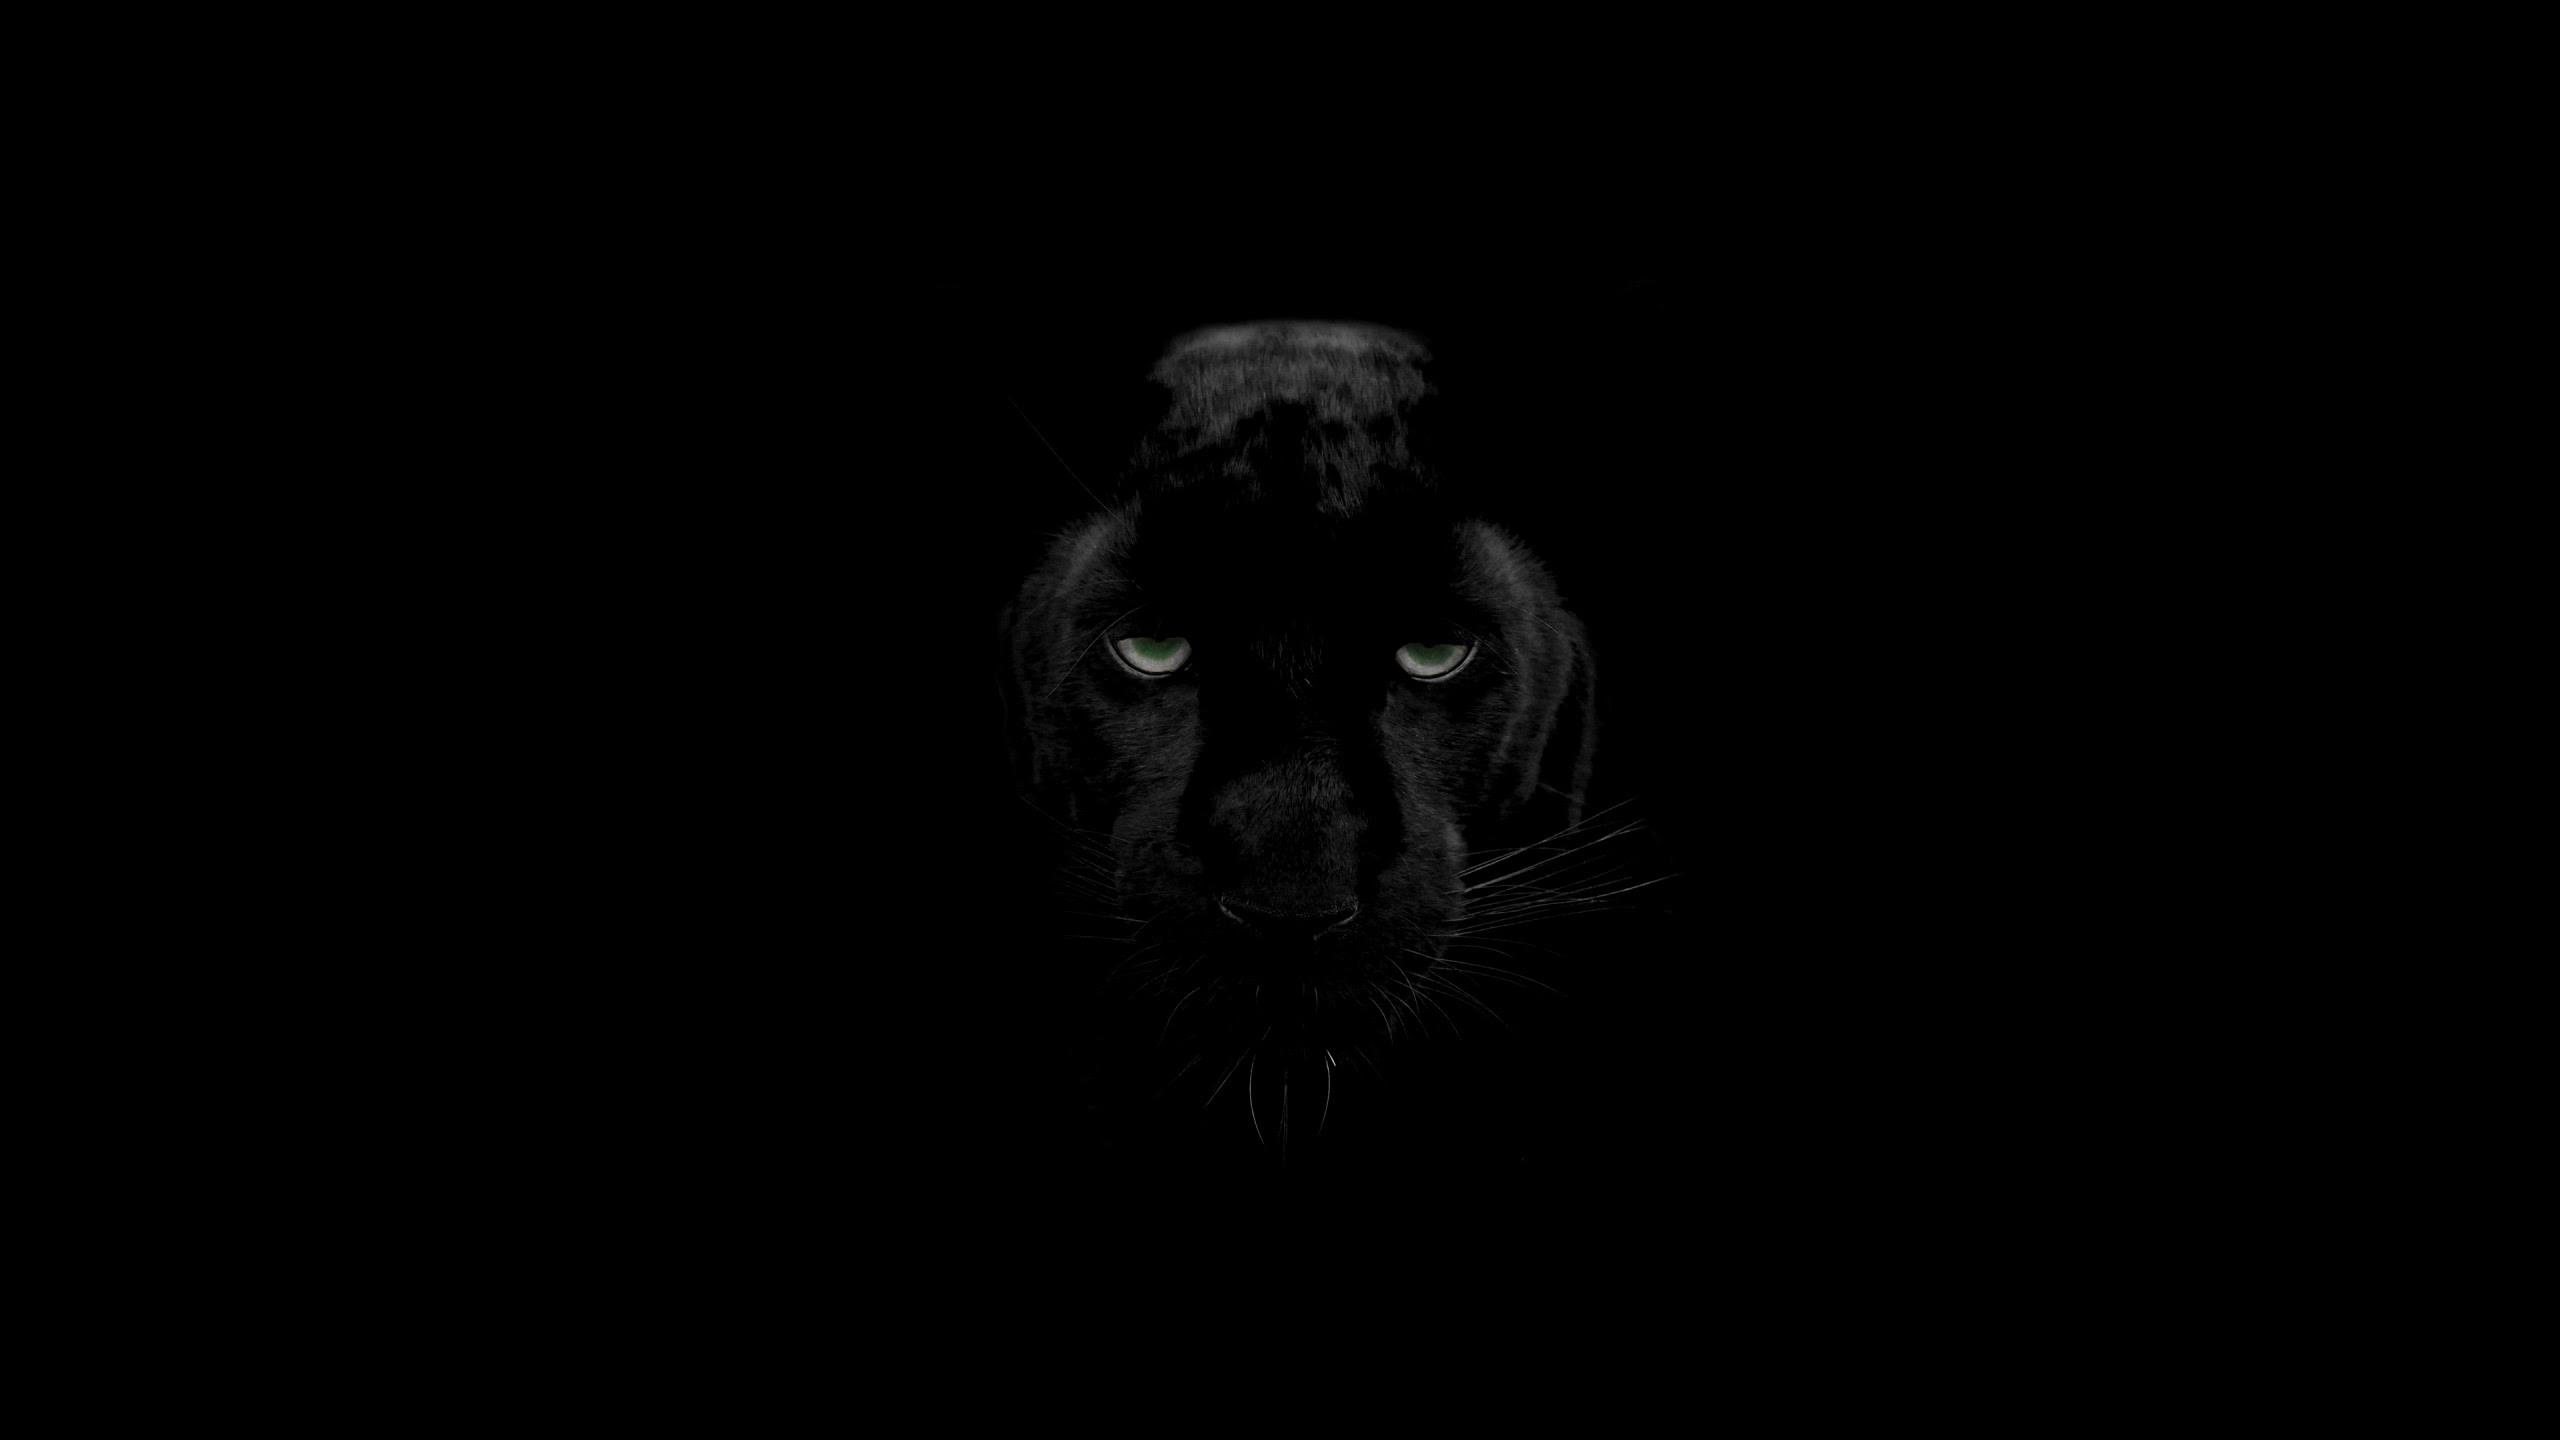 Animal Black Panther Iphone Wallpaper